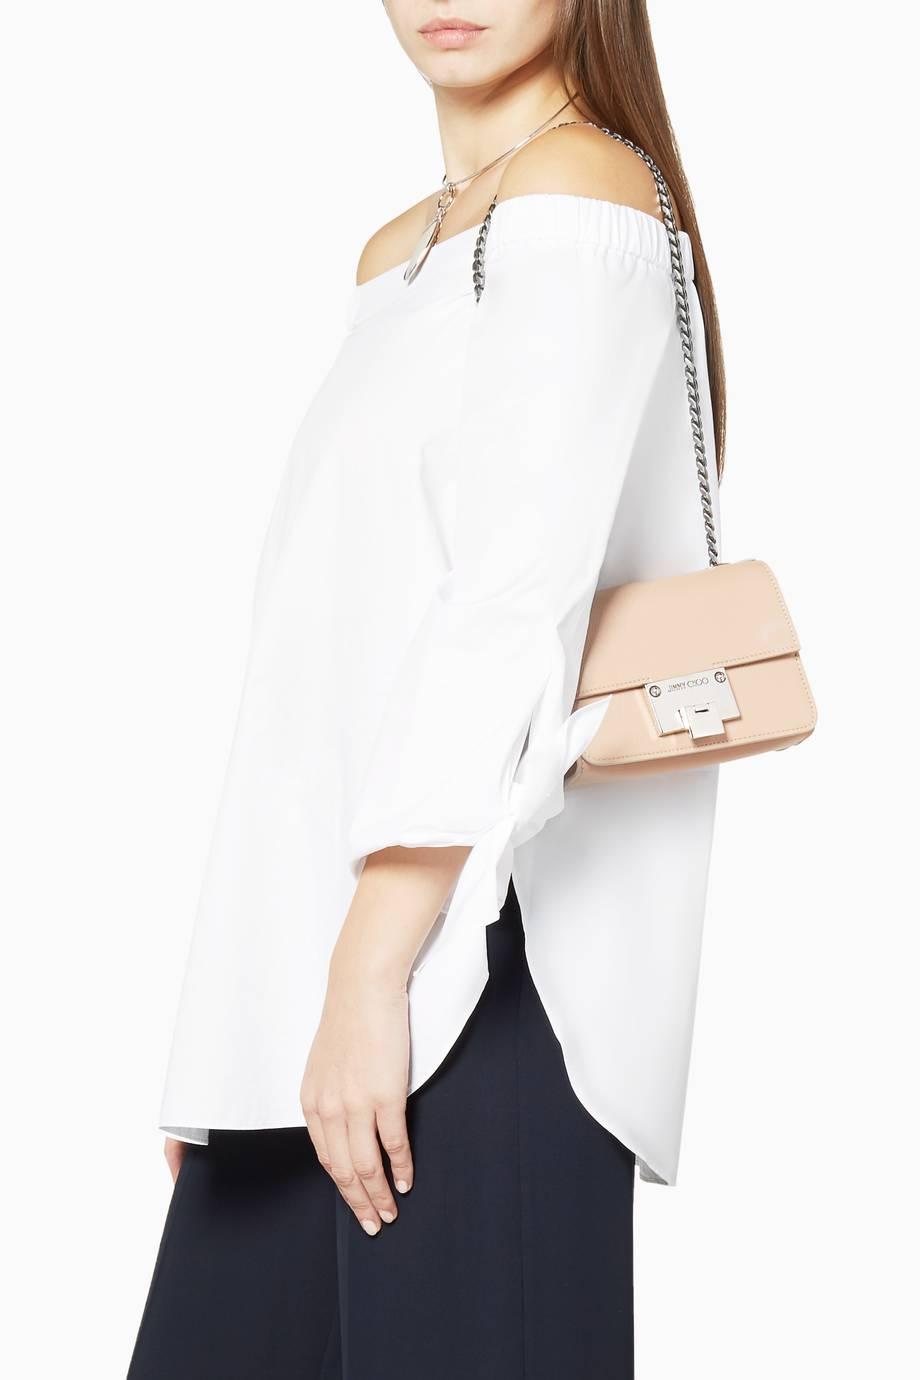 e915393f563ba تسوق الحقيبة التي تلبس بشكل متعامد على الجسم الصغيرة الناعمة ريبيل ...